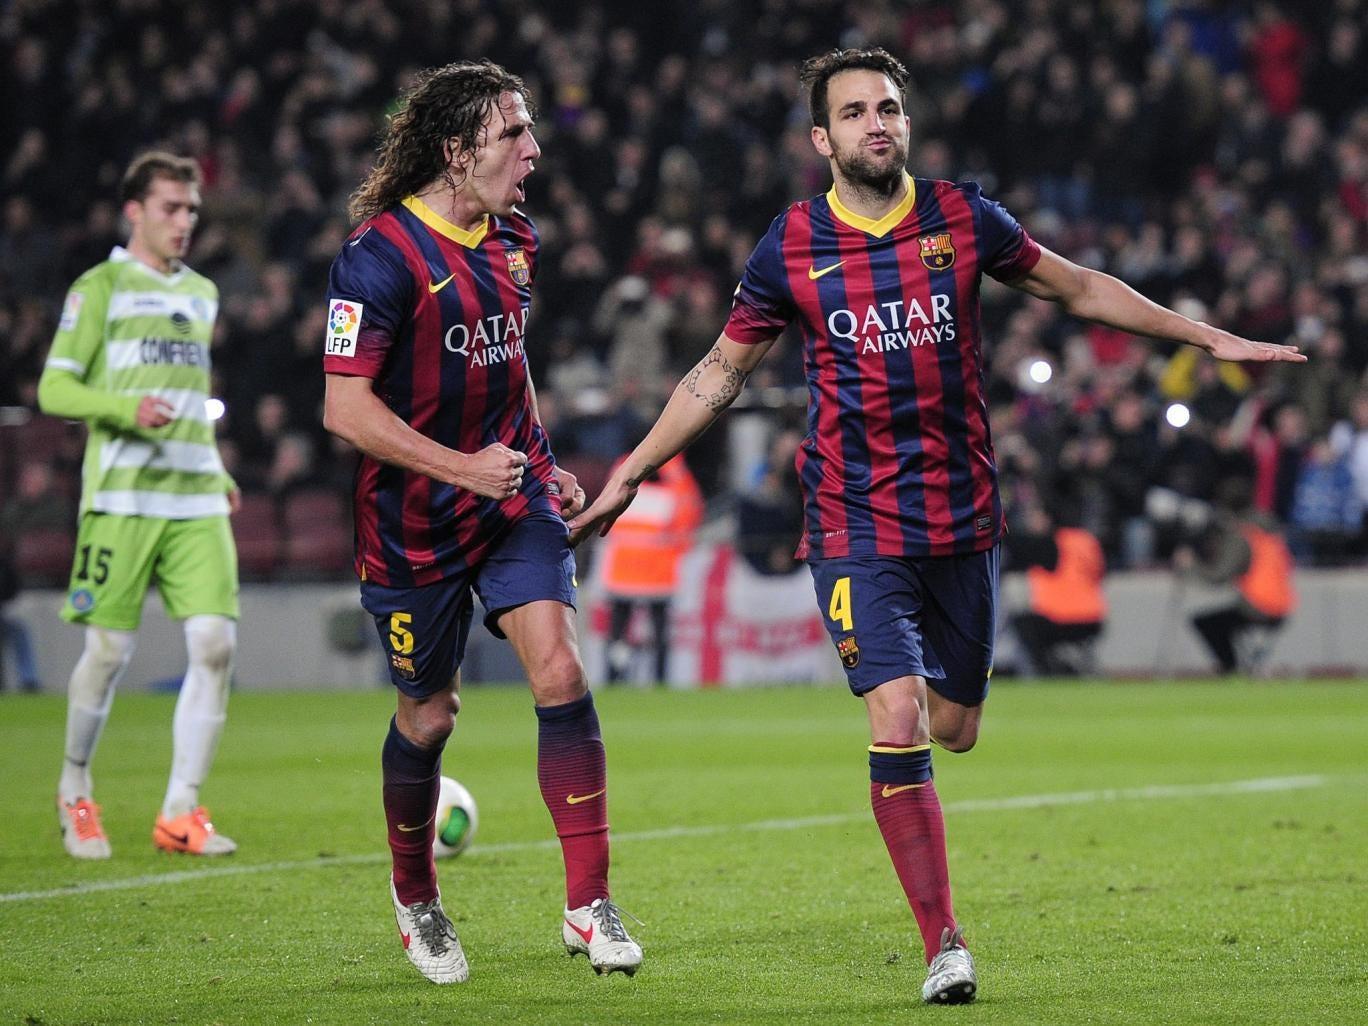 Cesc Fabregas (right) celebrates scoring against Getafe in the Copa del Rey last month